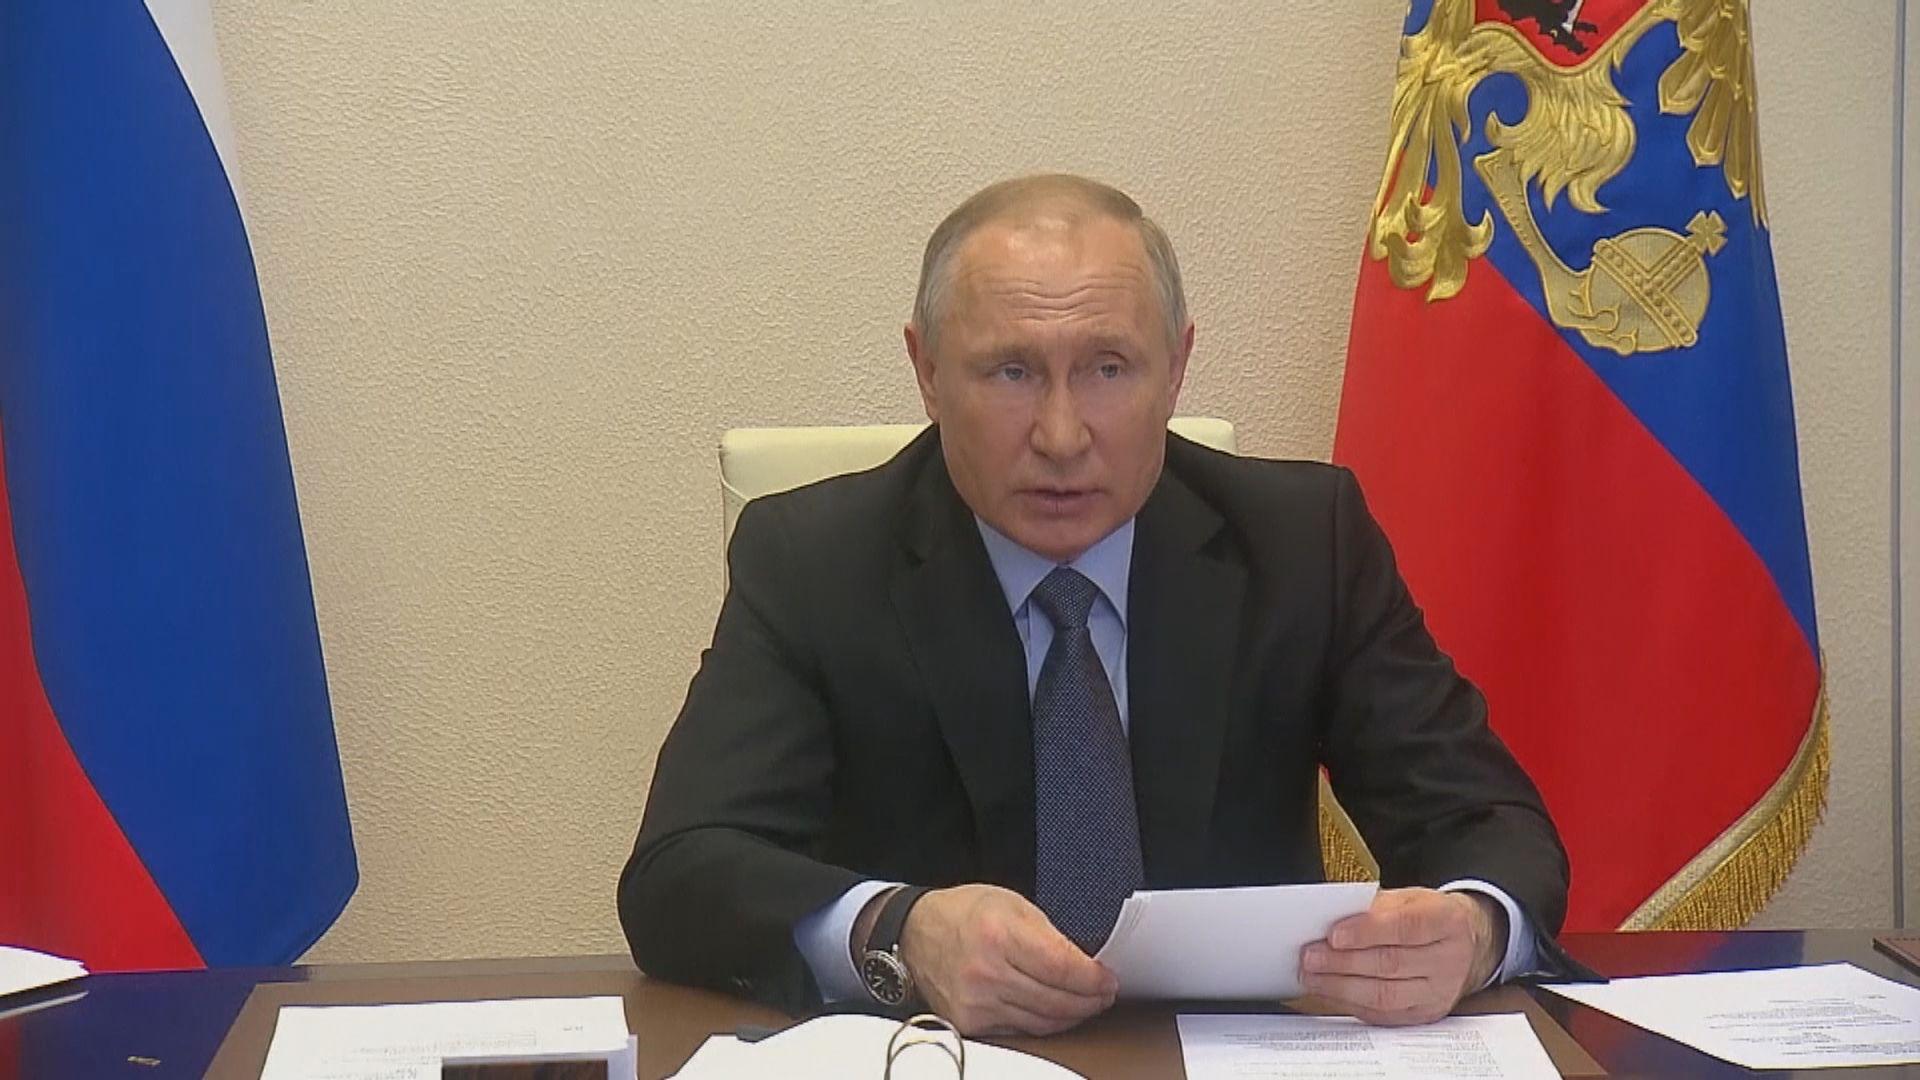 俄羅斯單日確診創新高 普京稱必要時調動軍方協助抗疫